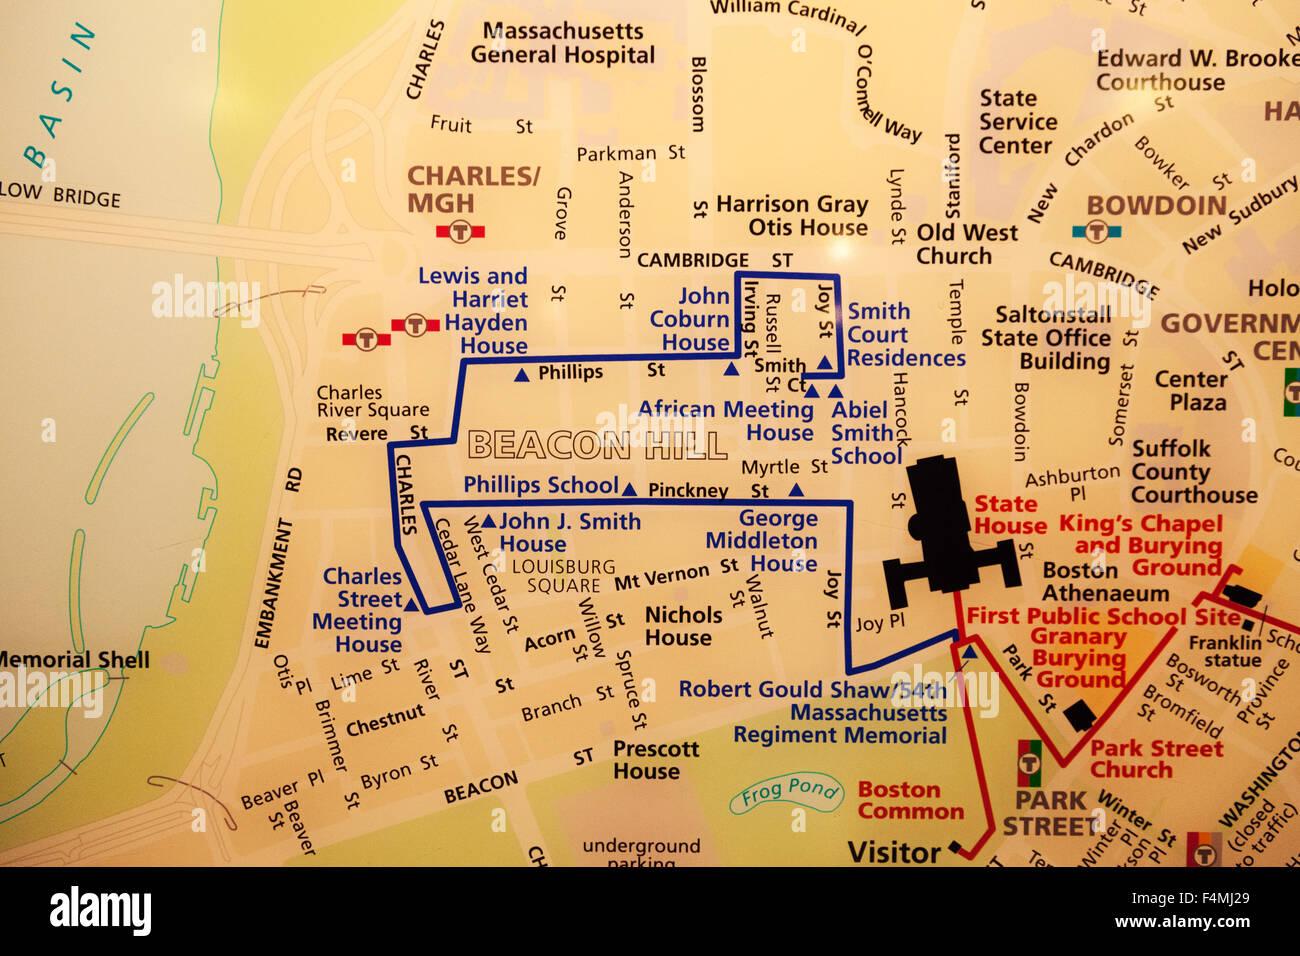 Map Usa Boston Stock Photos & Map Usa Boston Stock Images - Alamy